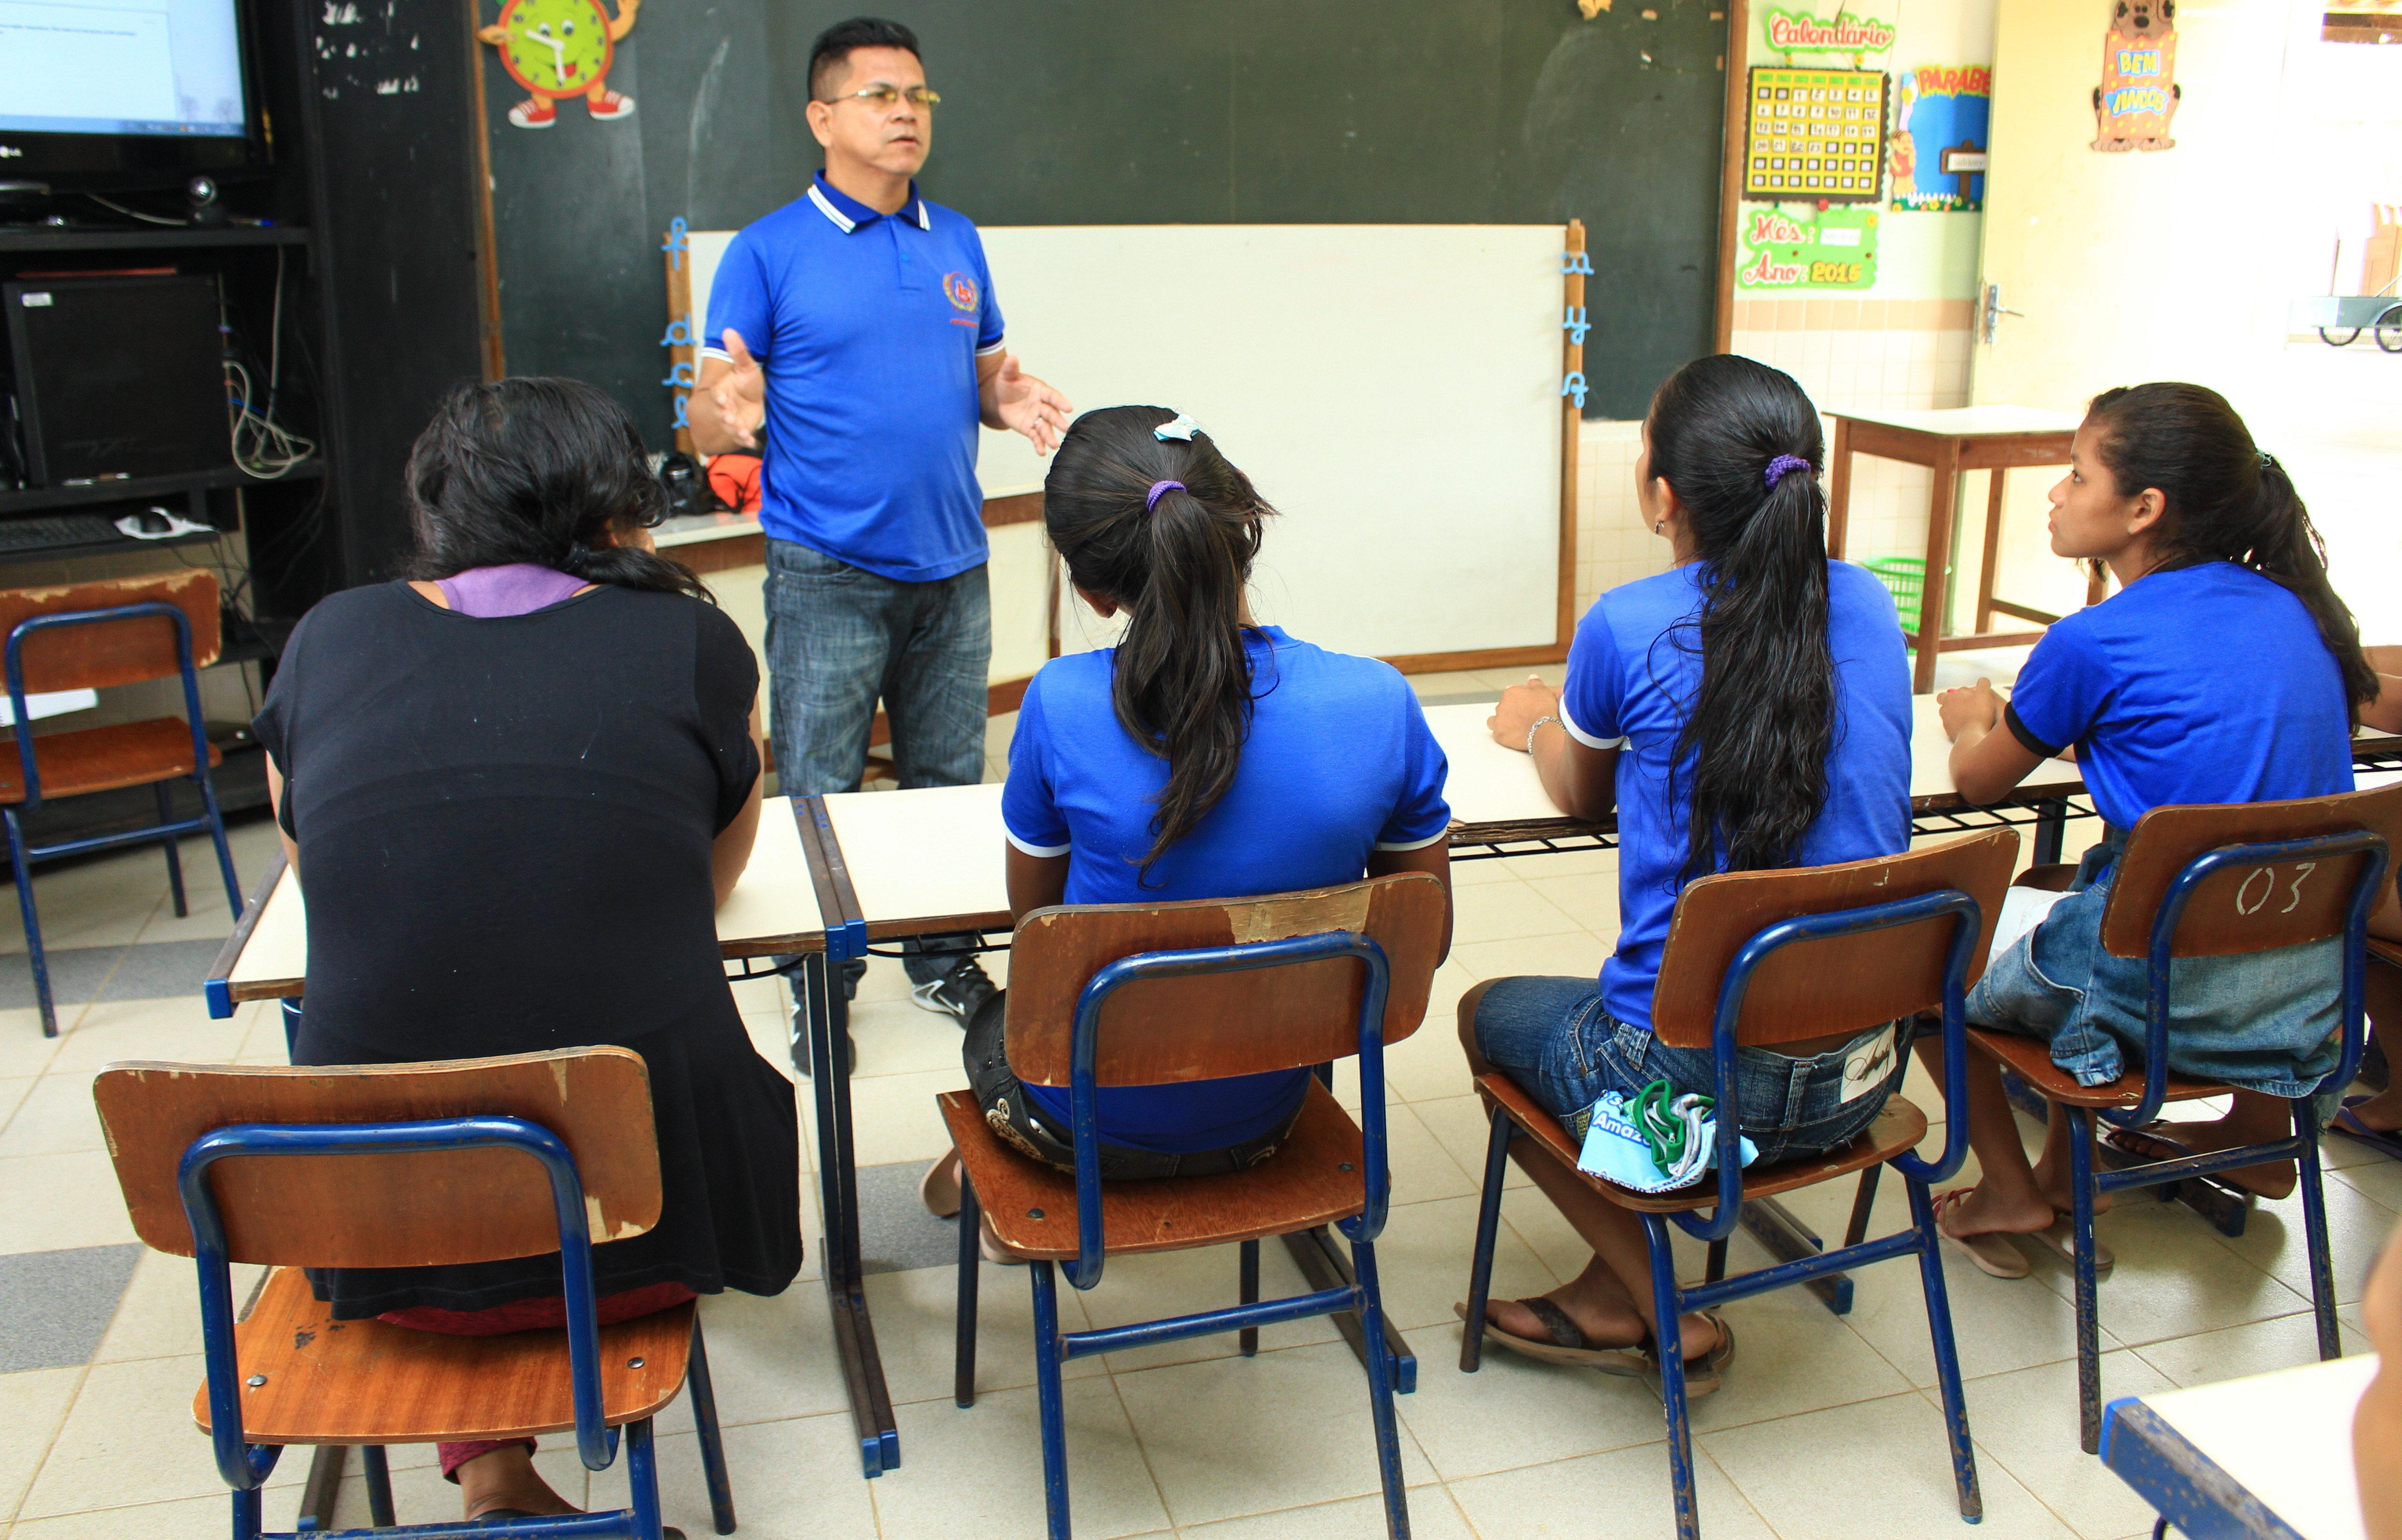 Professor Valter Menezes apresenta o projeto de construção da fossa biológica para a comunidade escolar